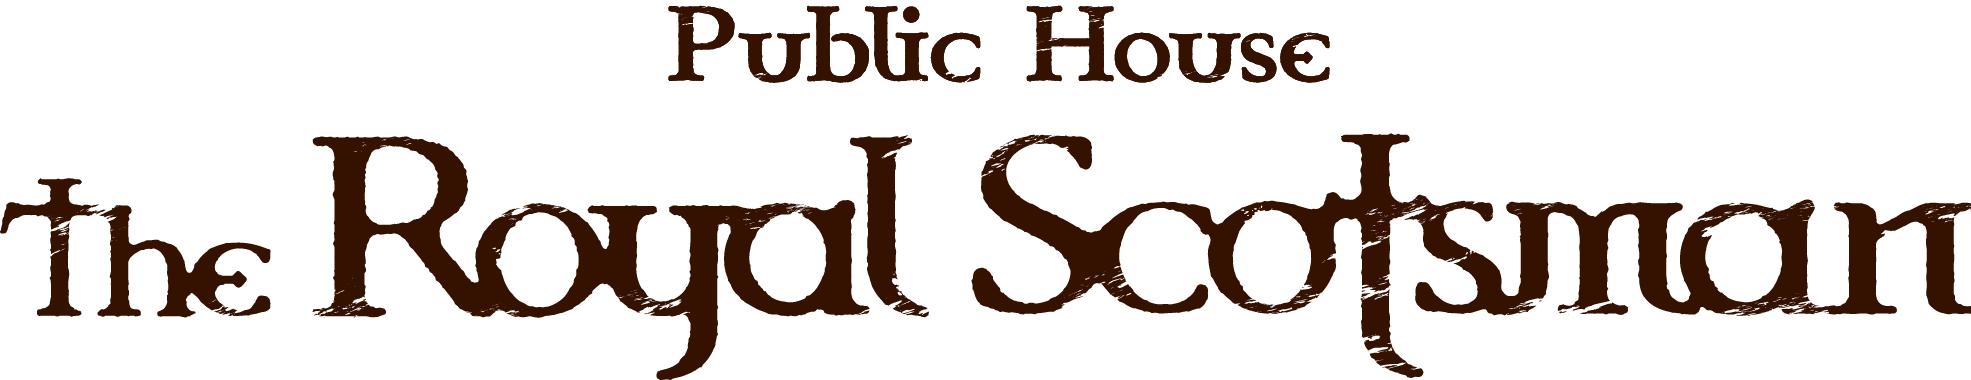 神楽坂の小さなスコティッシュパブ The Royal Scotsman